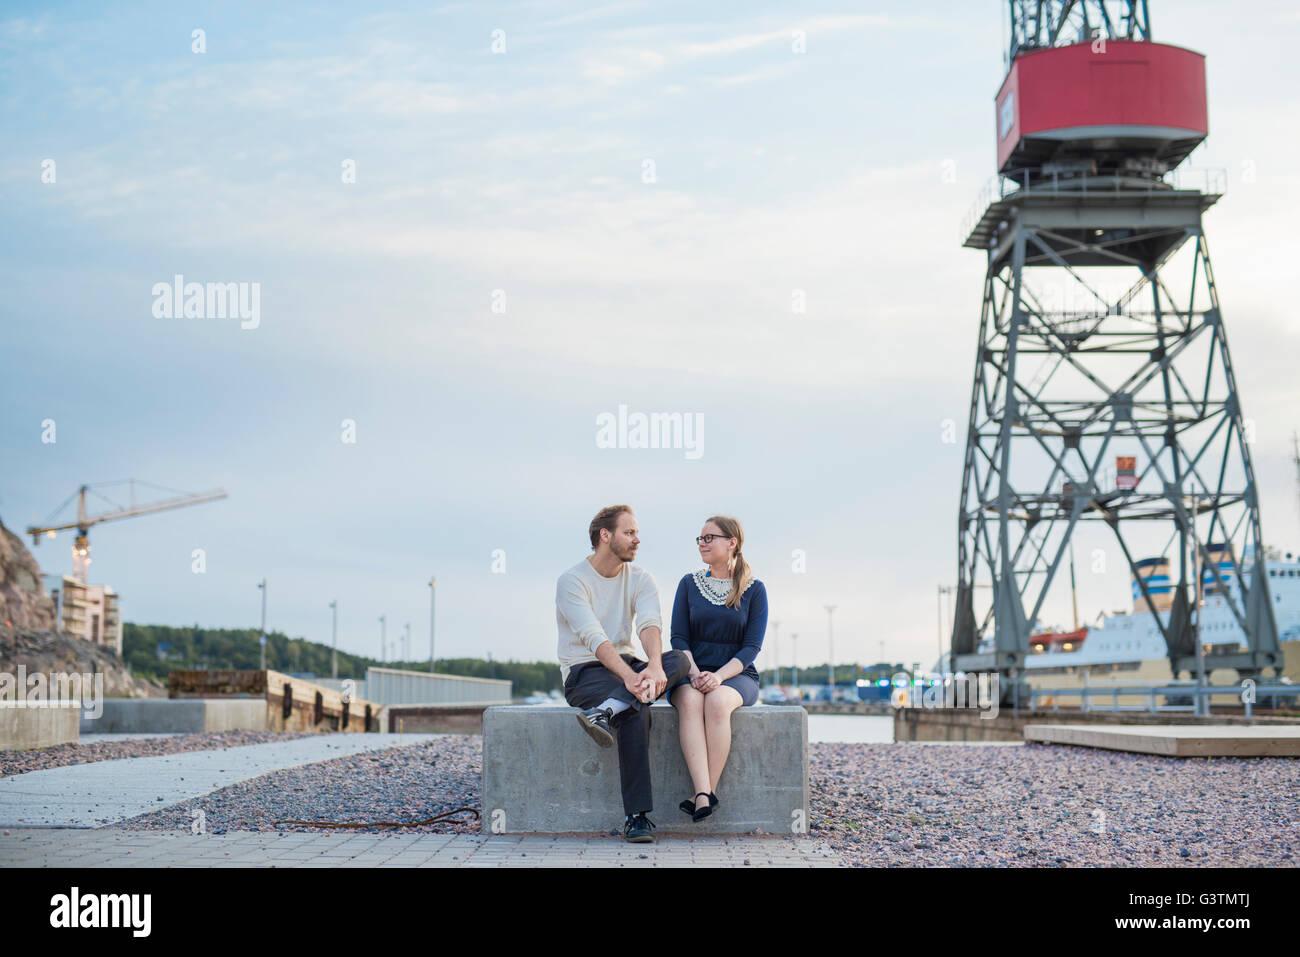 Finnland, Varsinais-Suomi, Turku, paar auf Block sitzen und reden auf Baustelle Stockbild